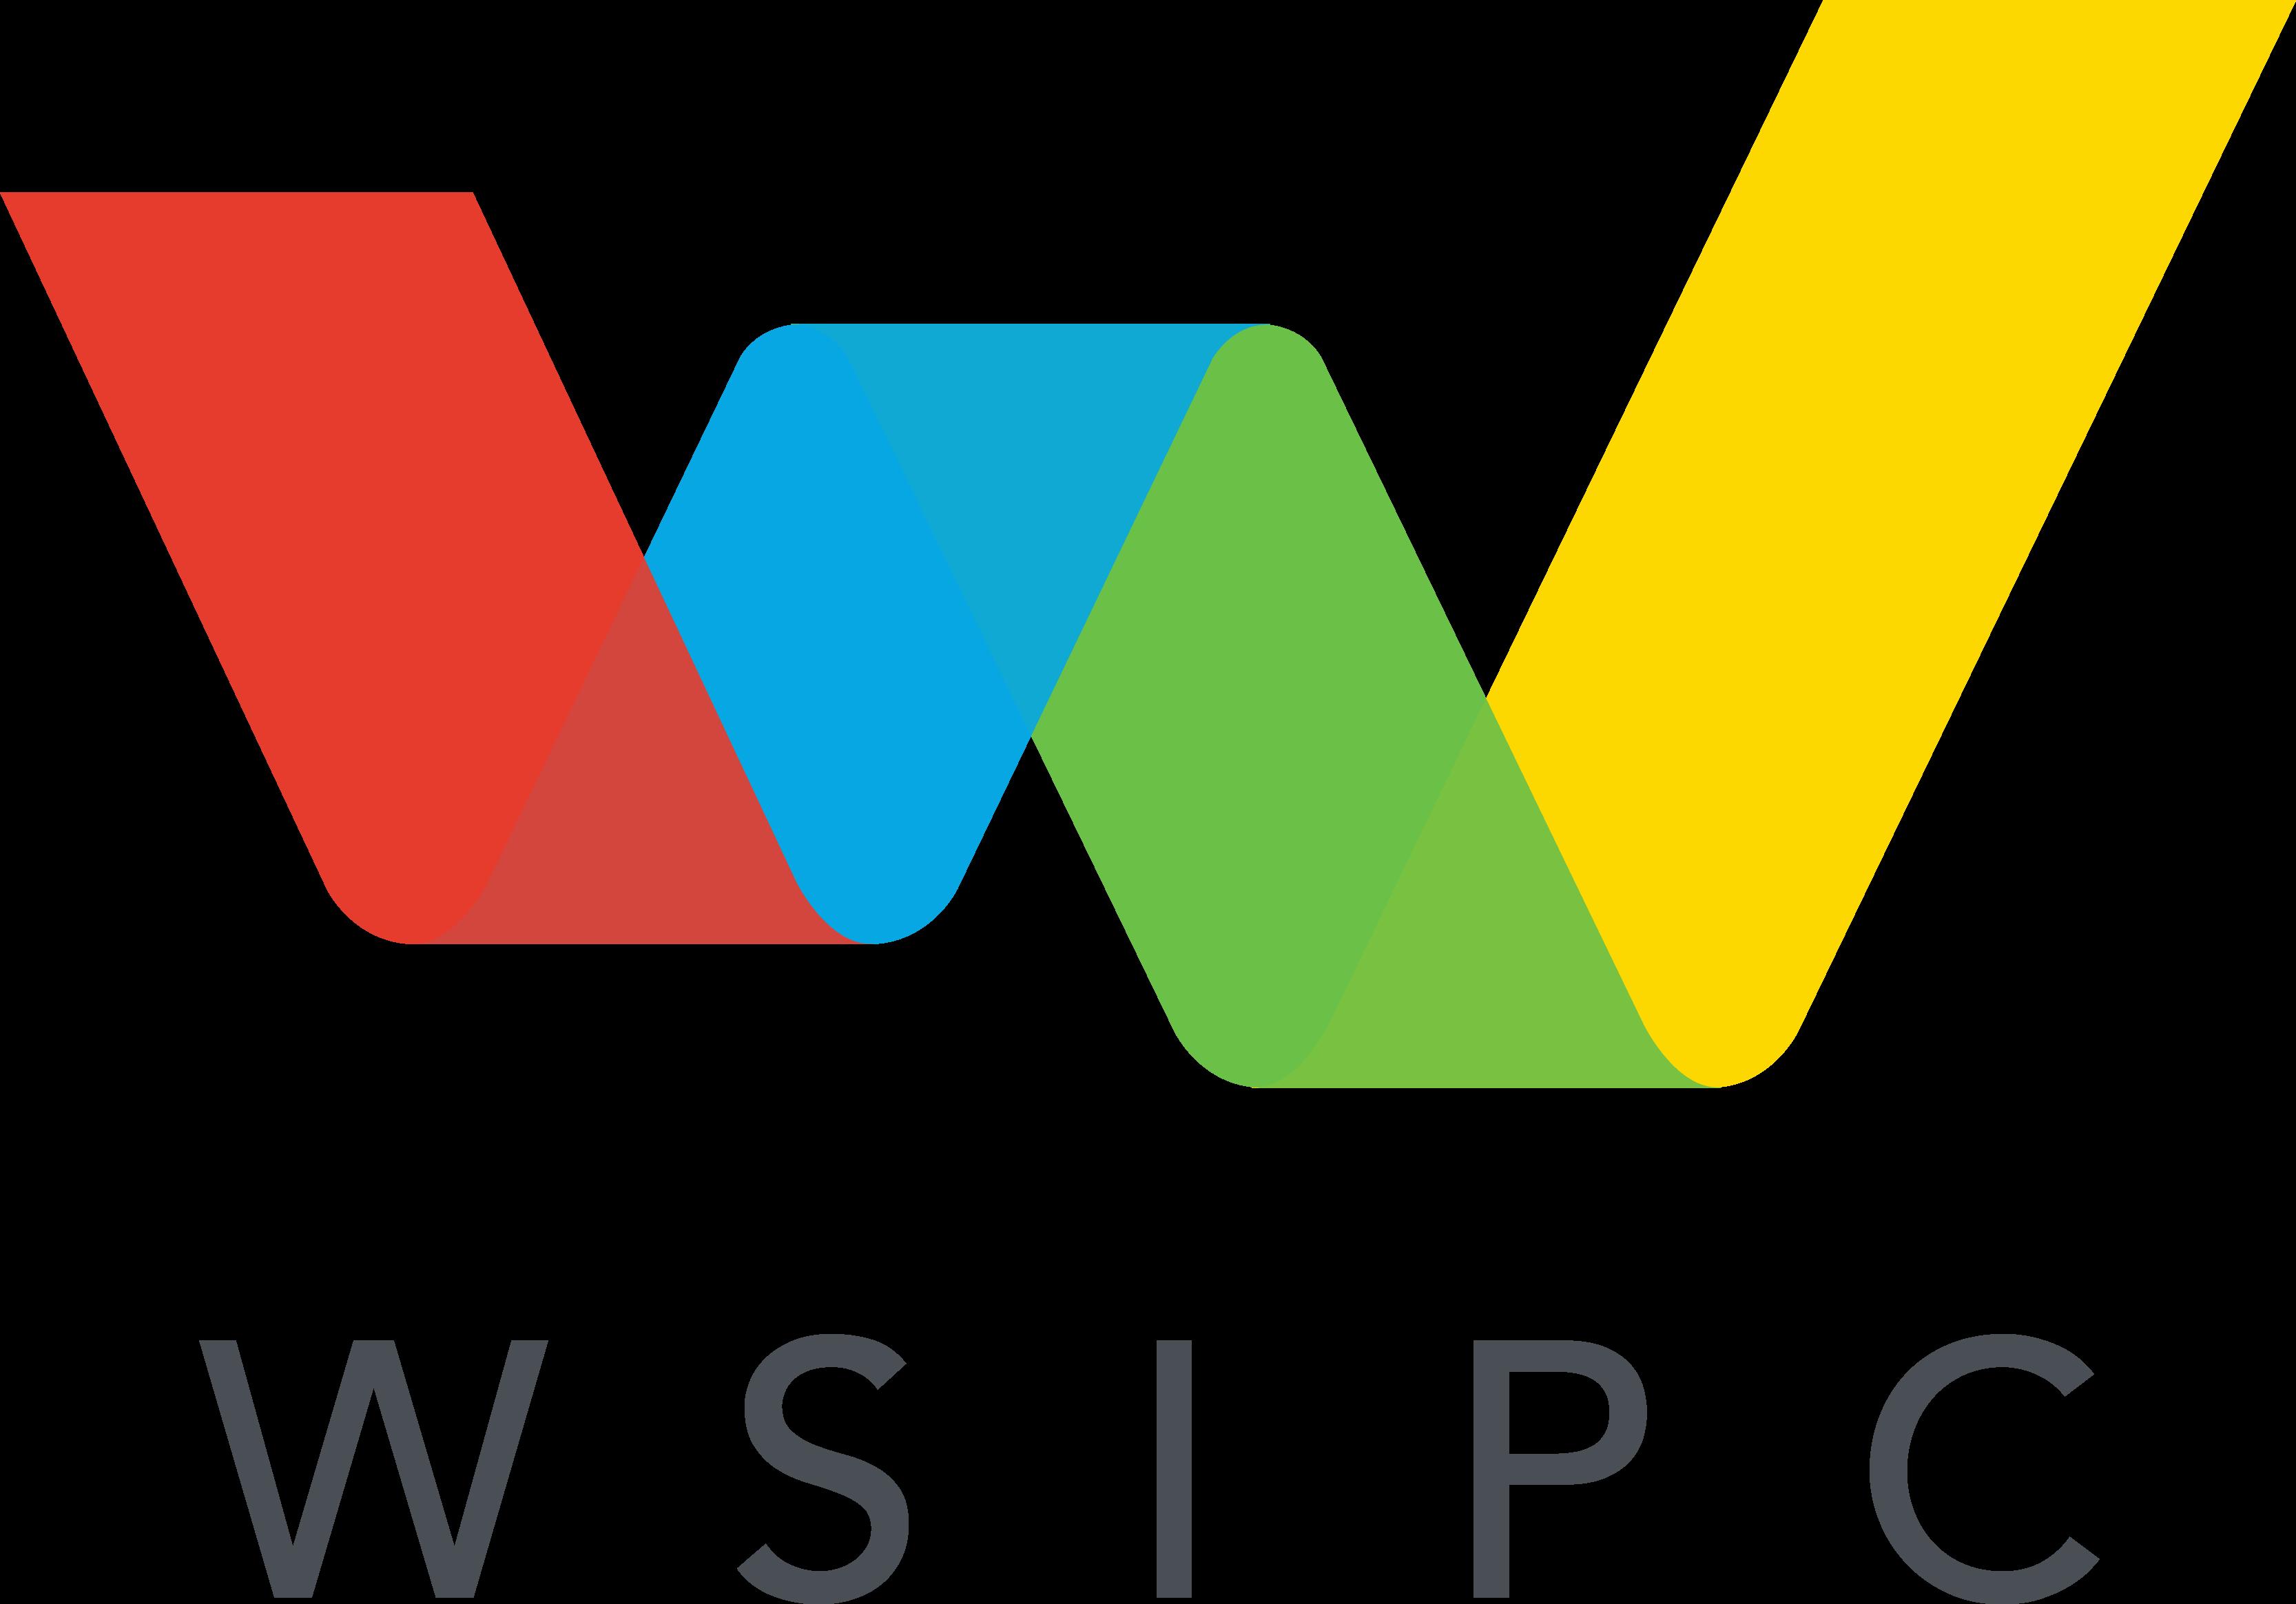 WISPC Logo